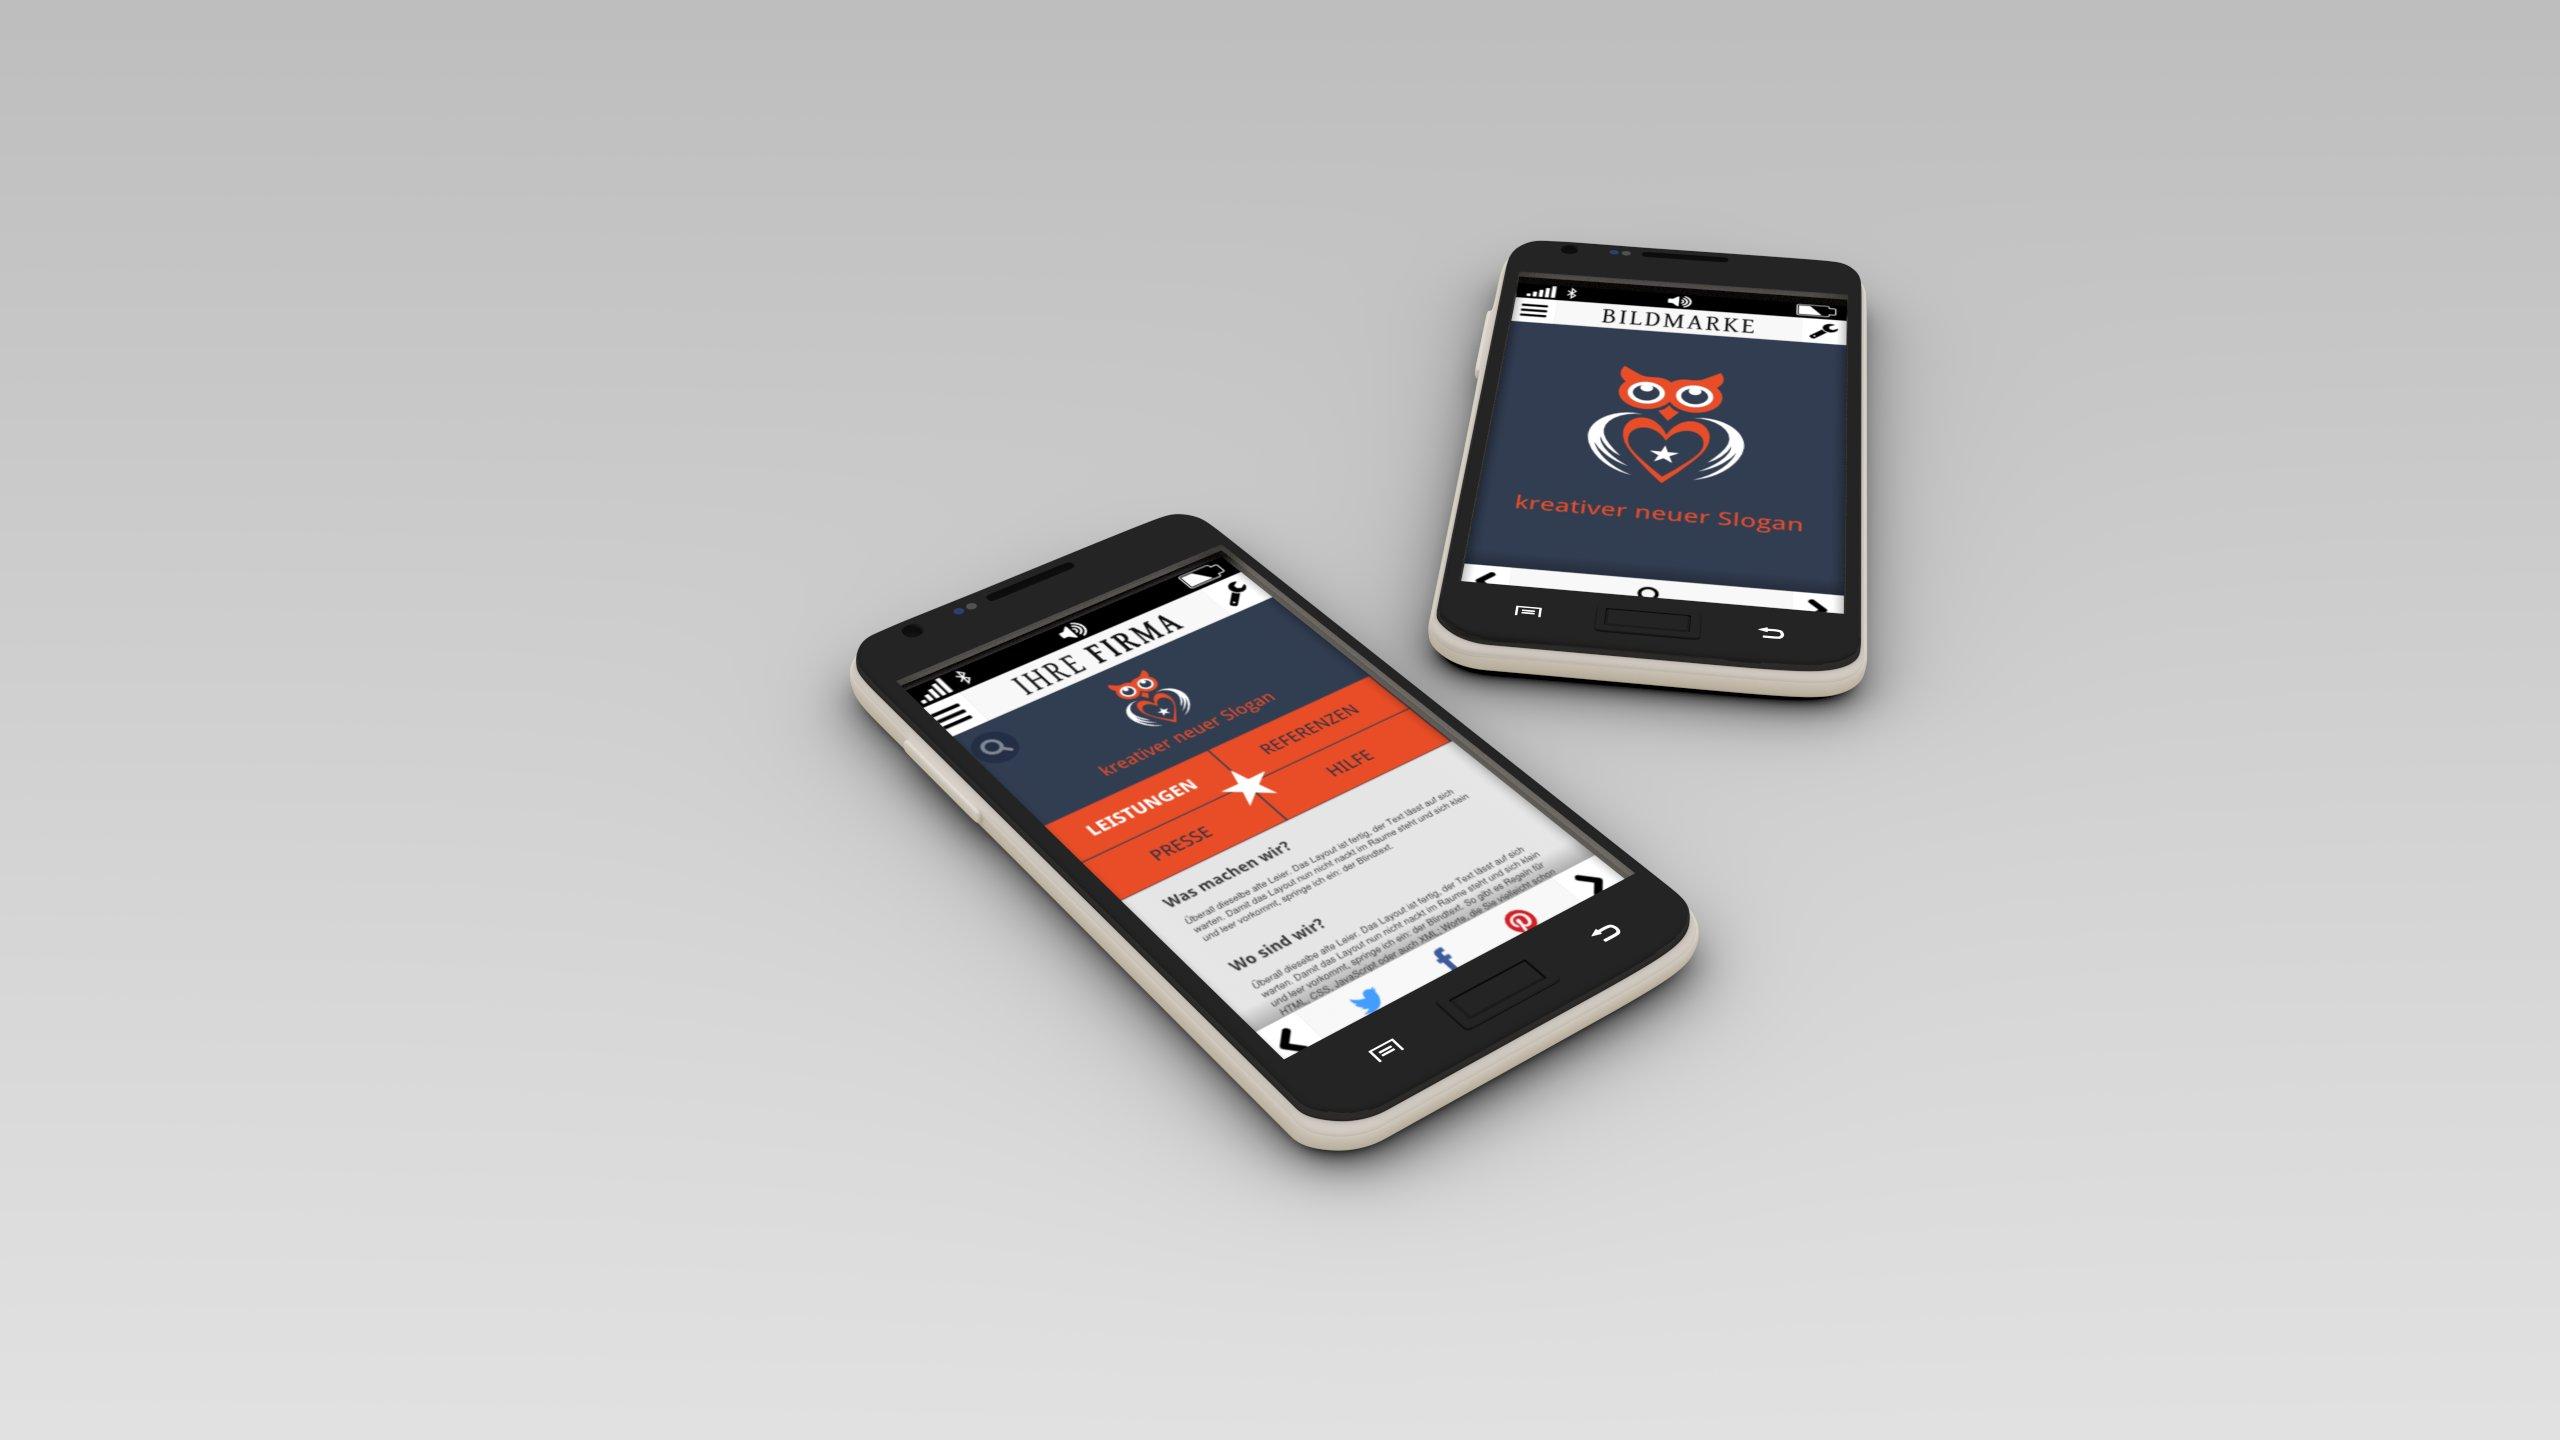 3D-Grafik Blender - Smartphone